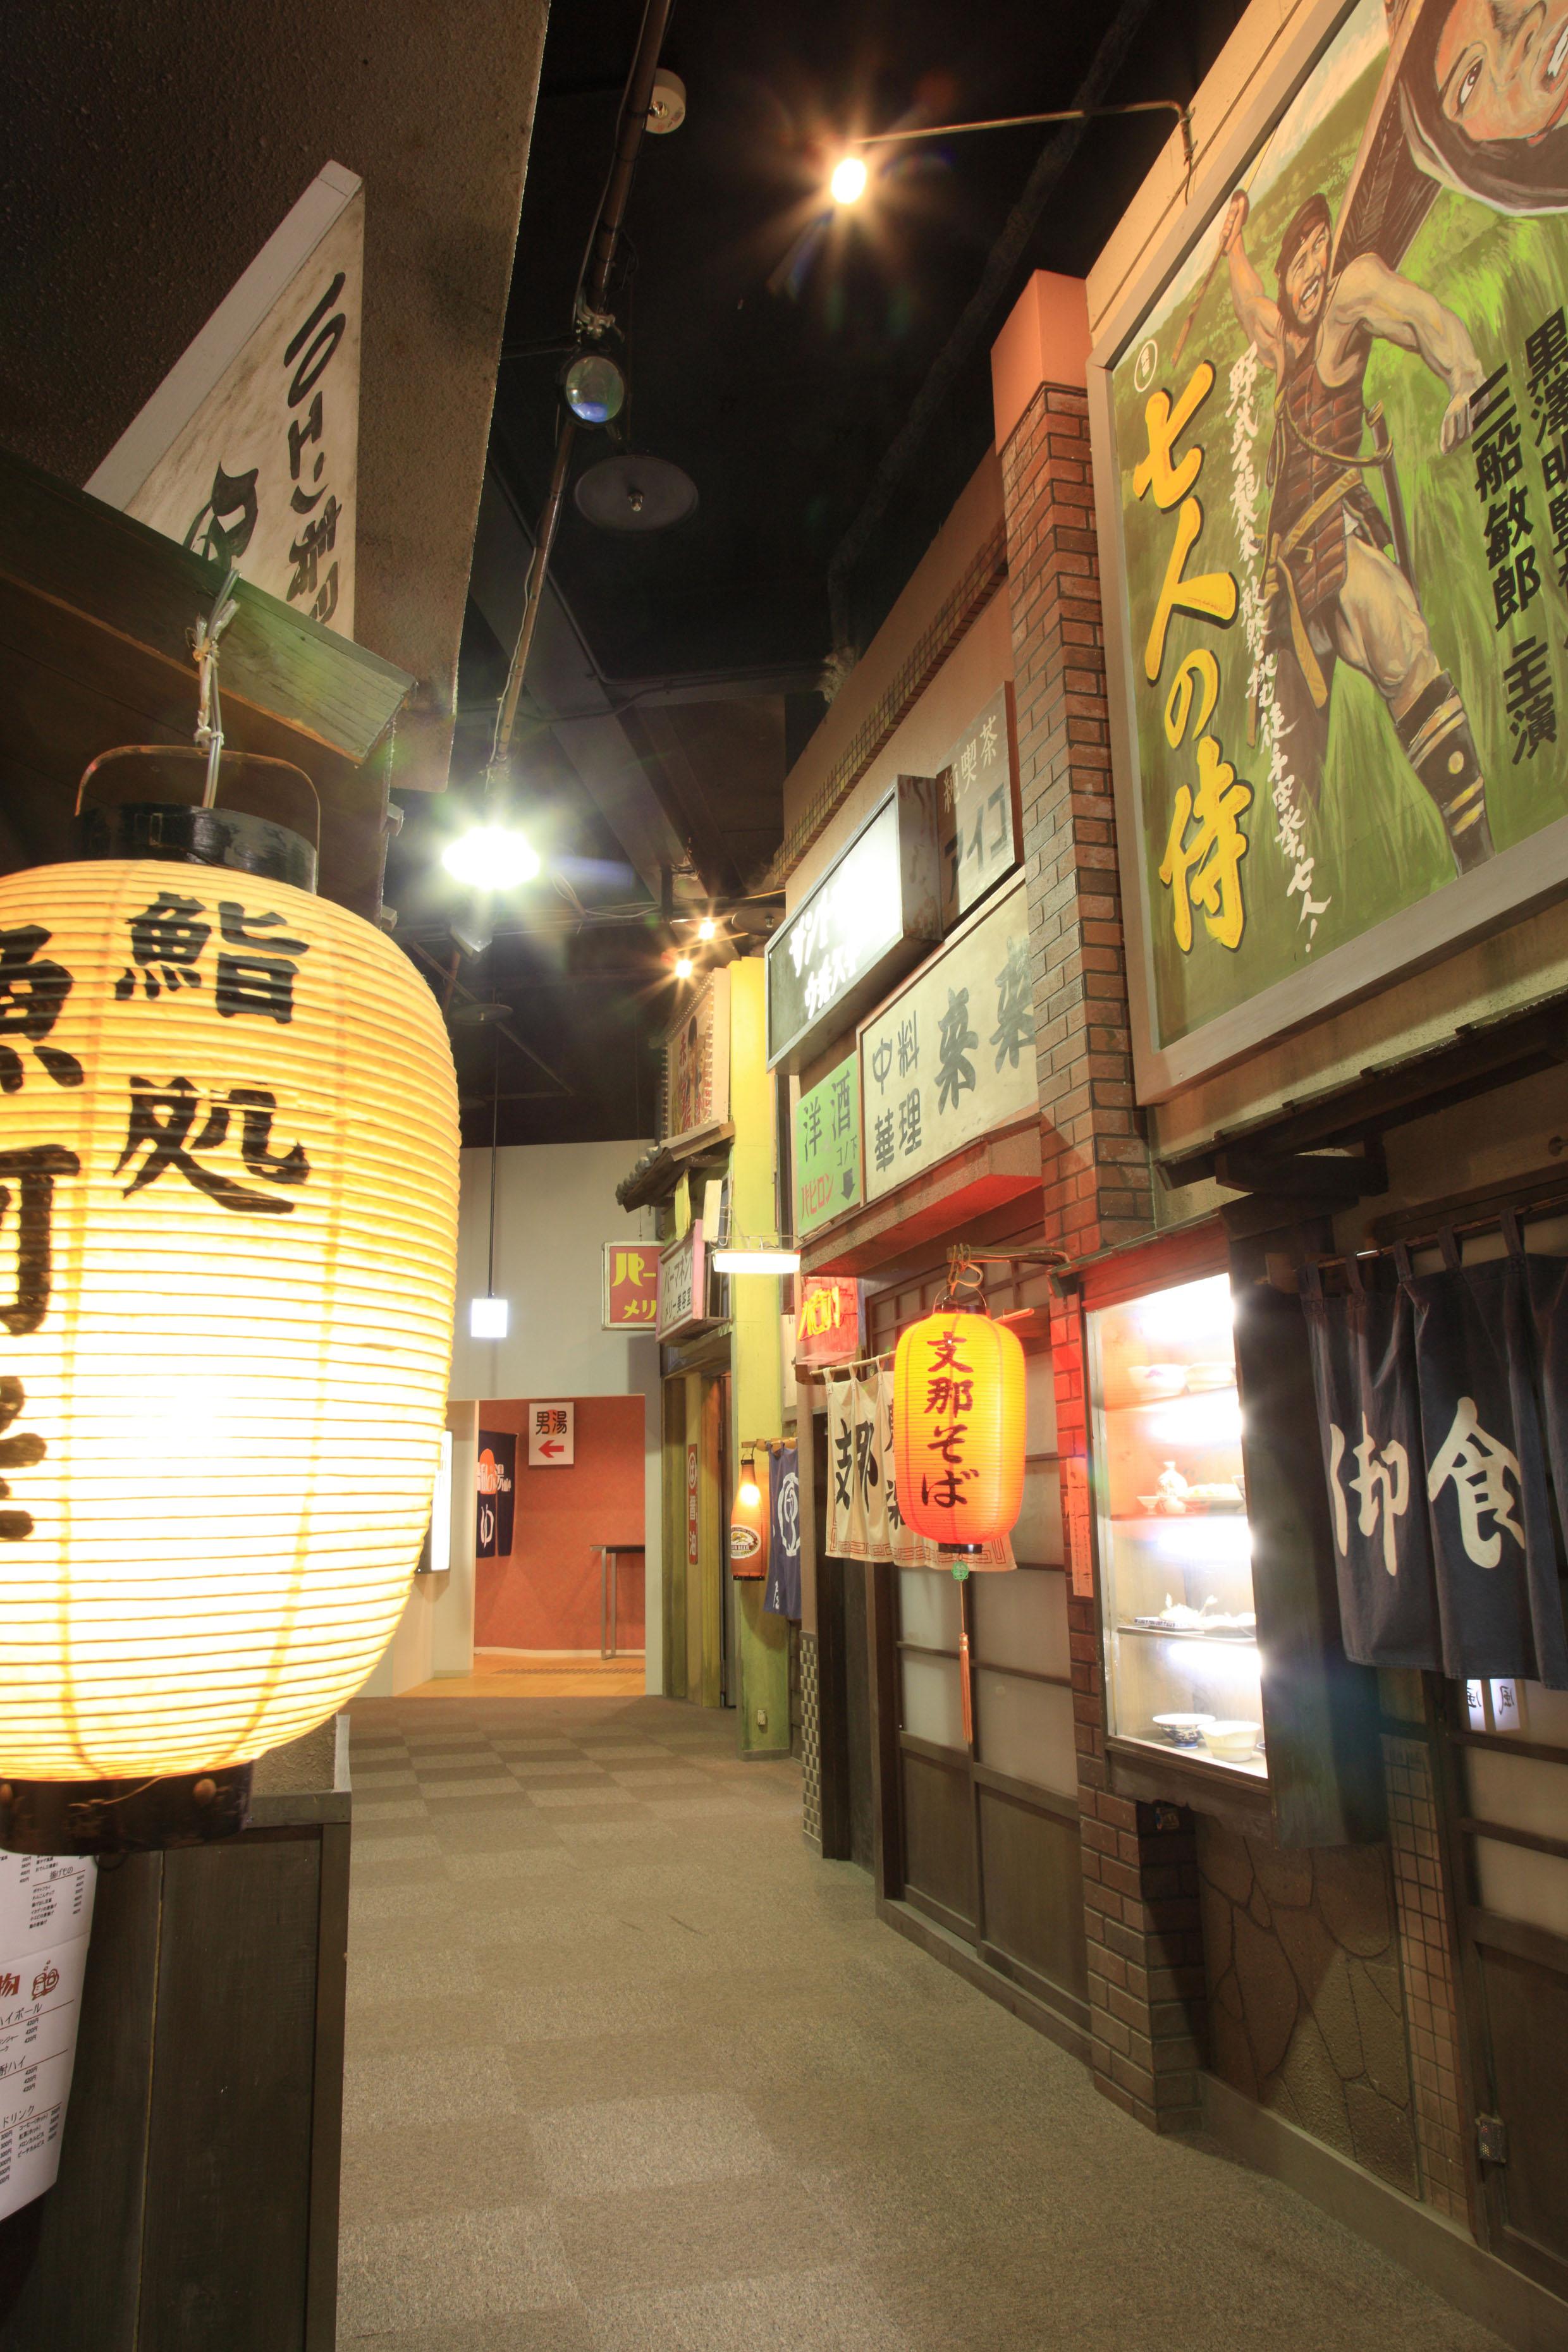 昭和30年代の町並みを再現した「神勝寺温泉 昭和の湯」